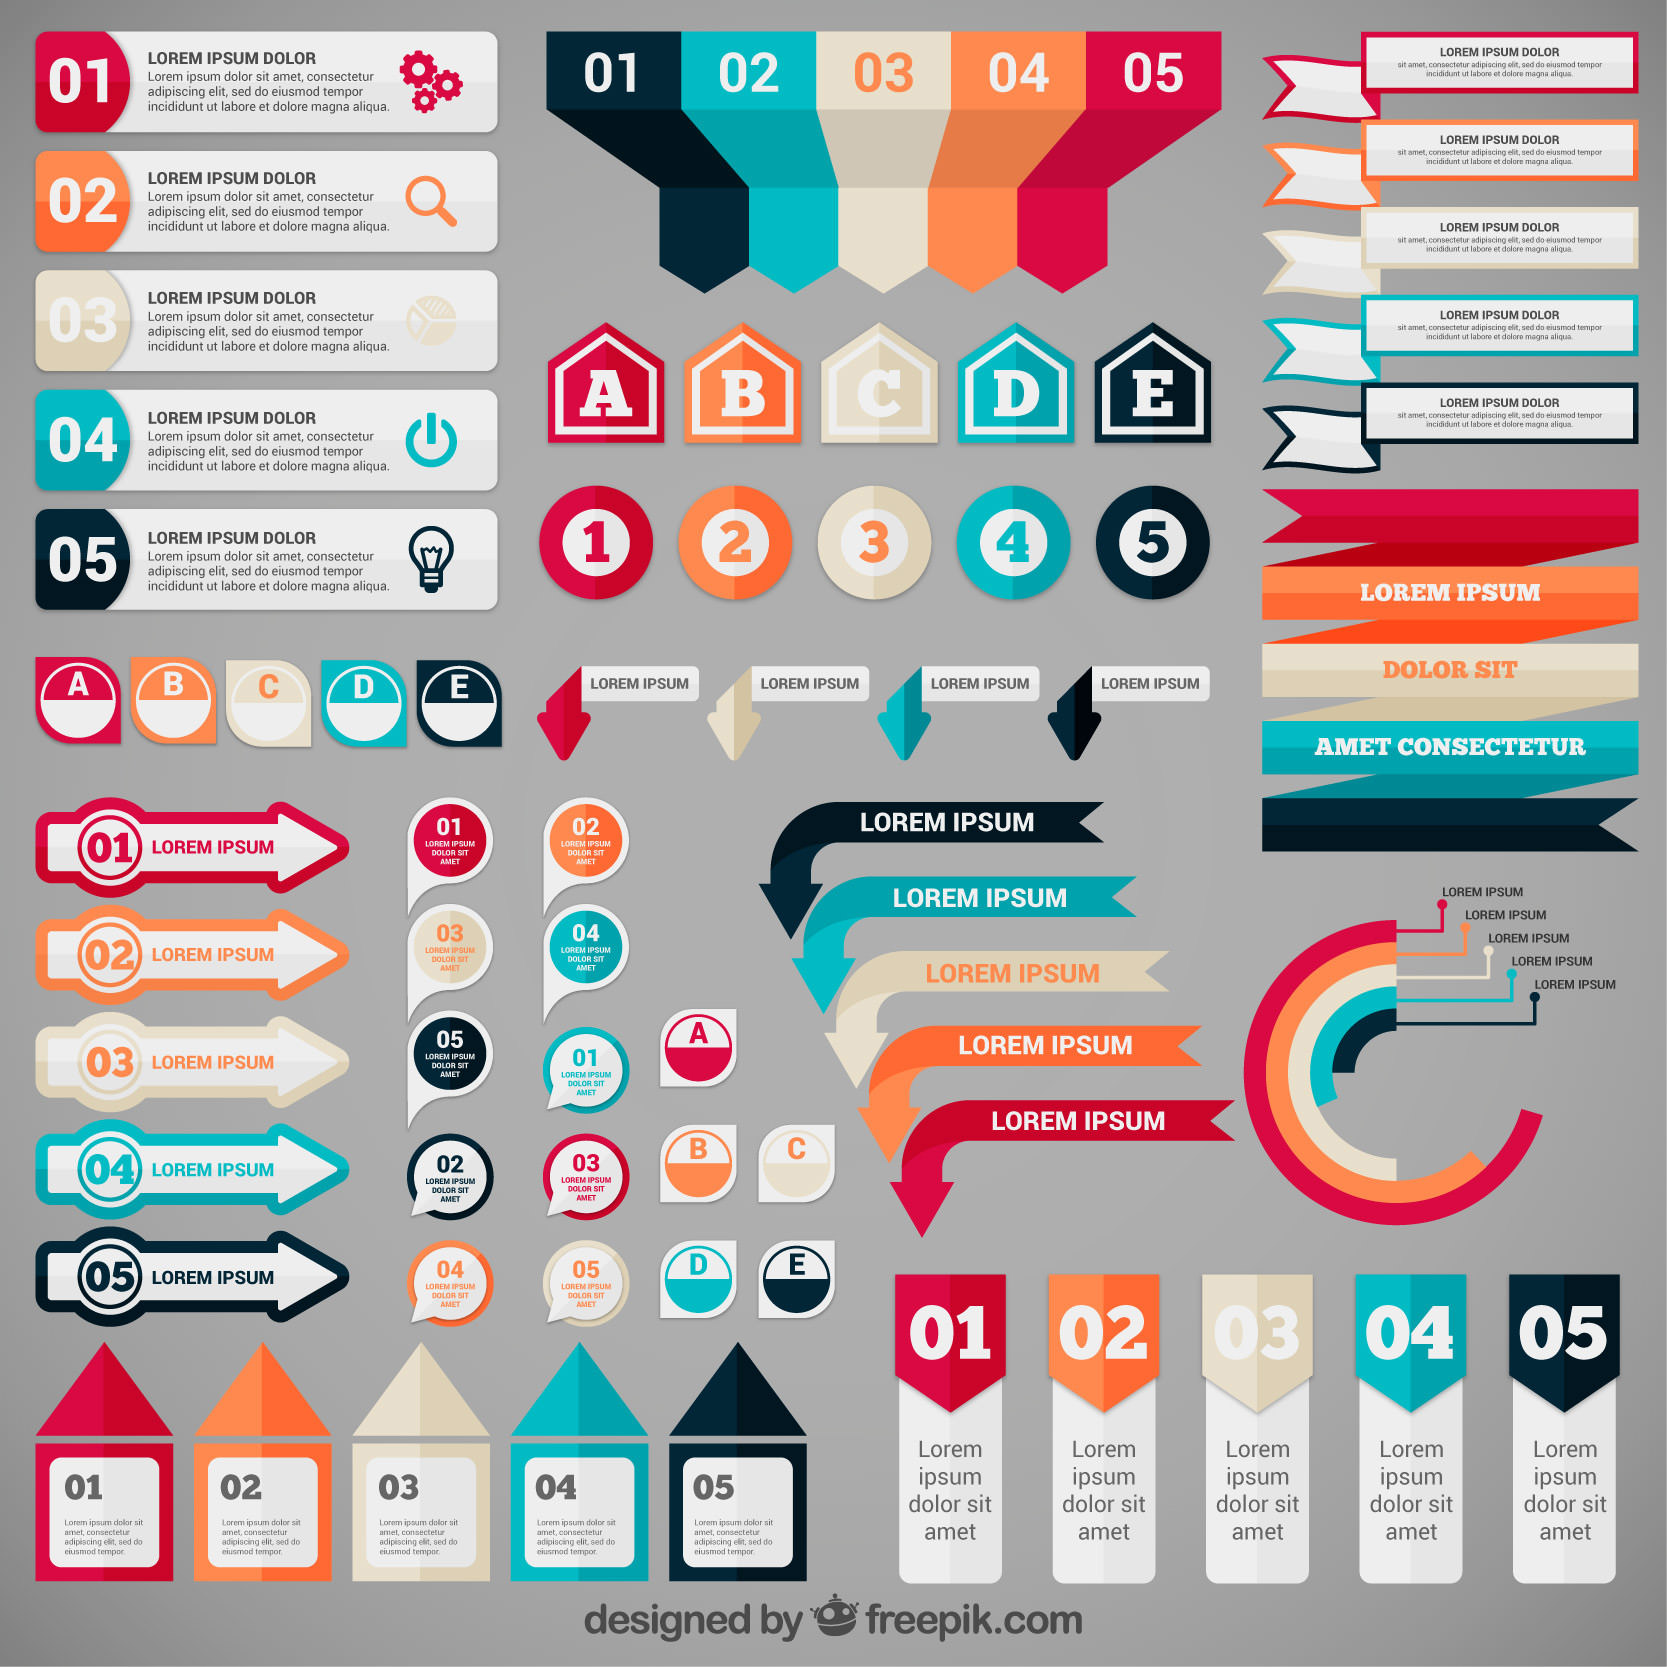 Vectores para crear infografías